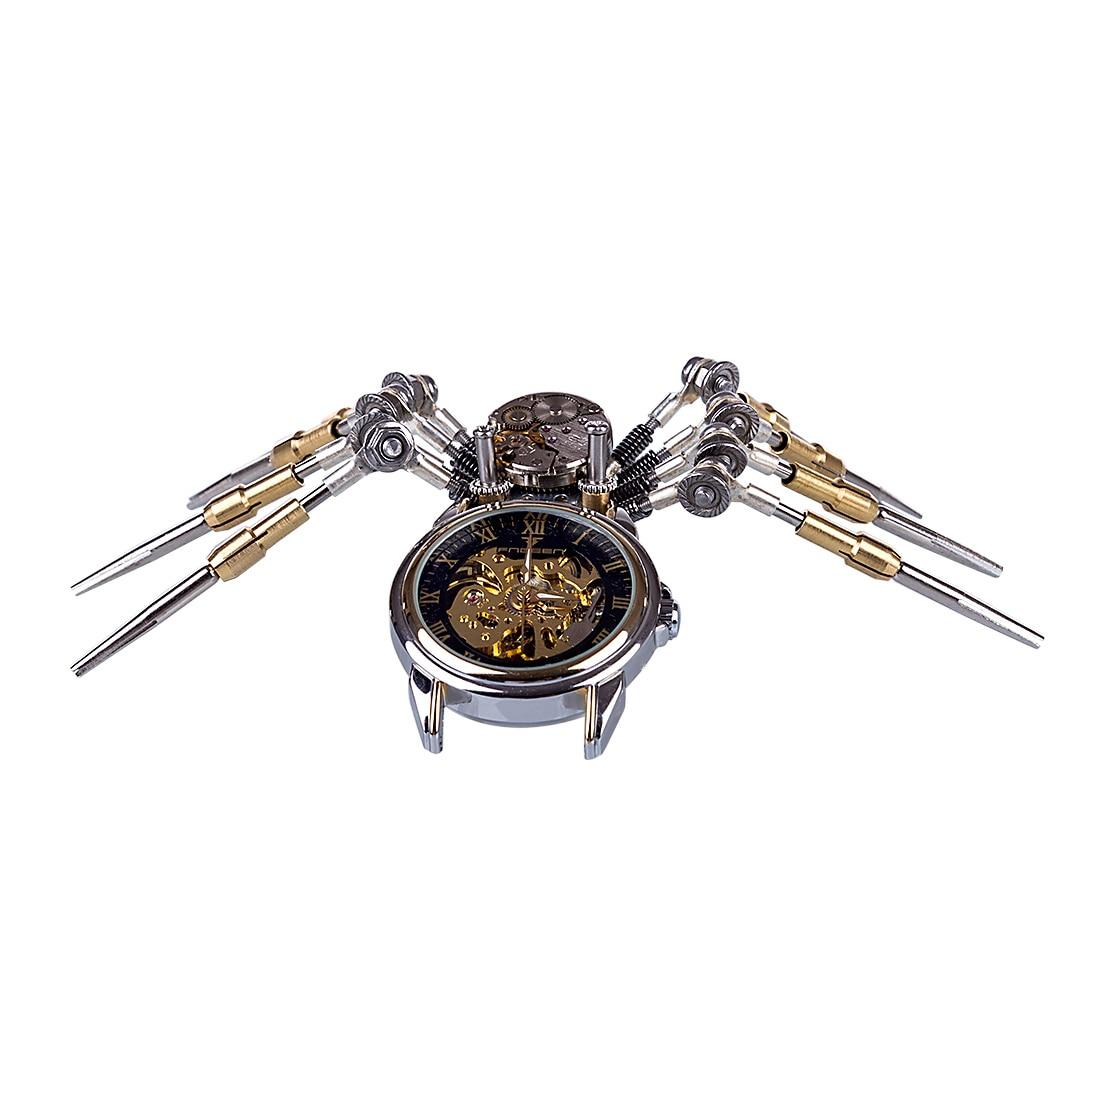 Bricolage assemblé modèle Kit métal mécanique horloge modèle ornements maison bureau décor Art créatif noël cadeaux 2019